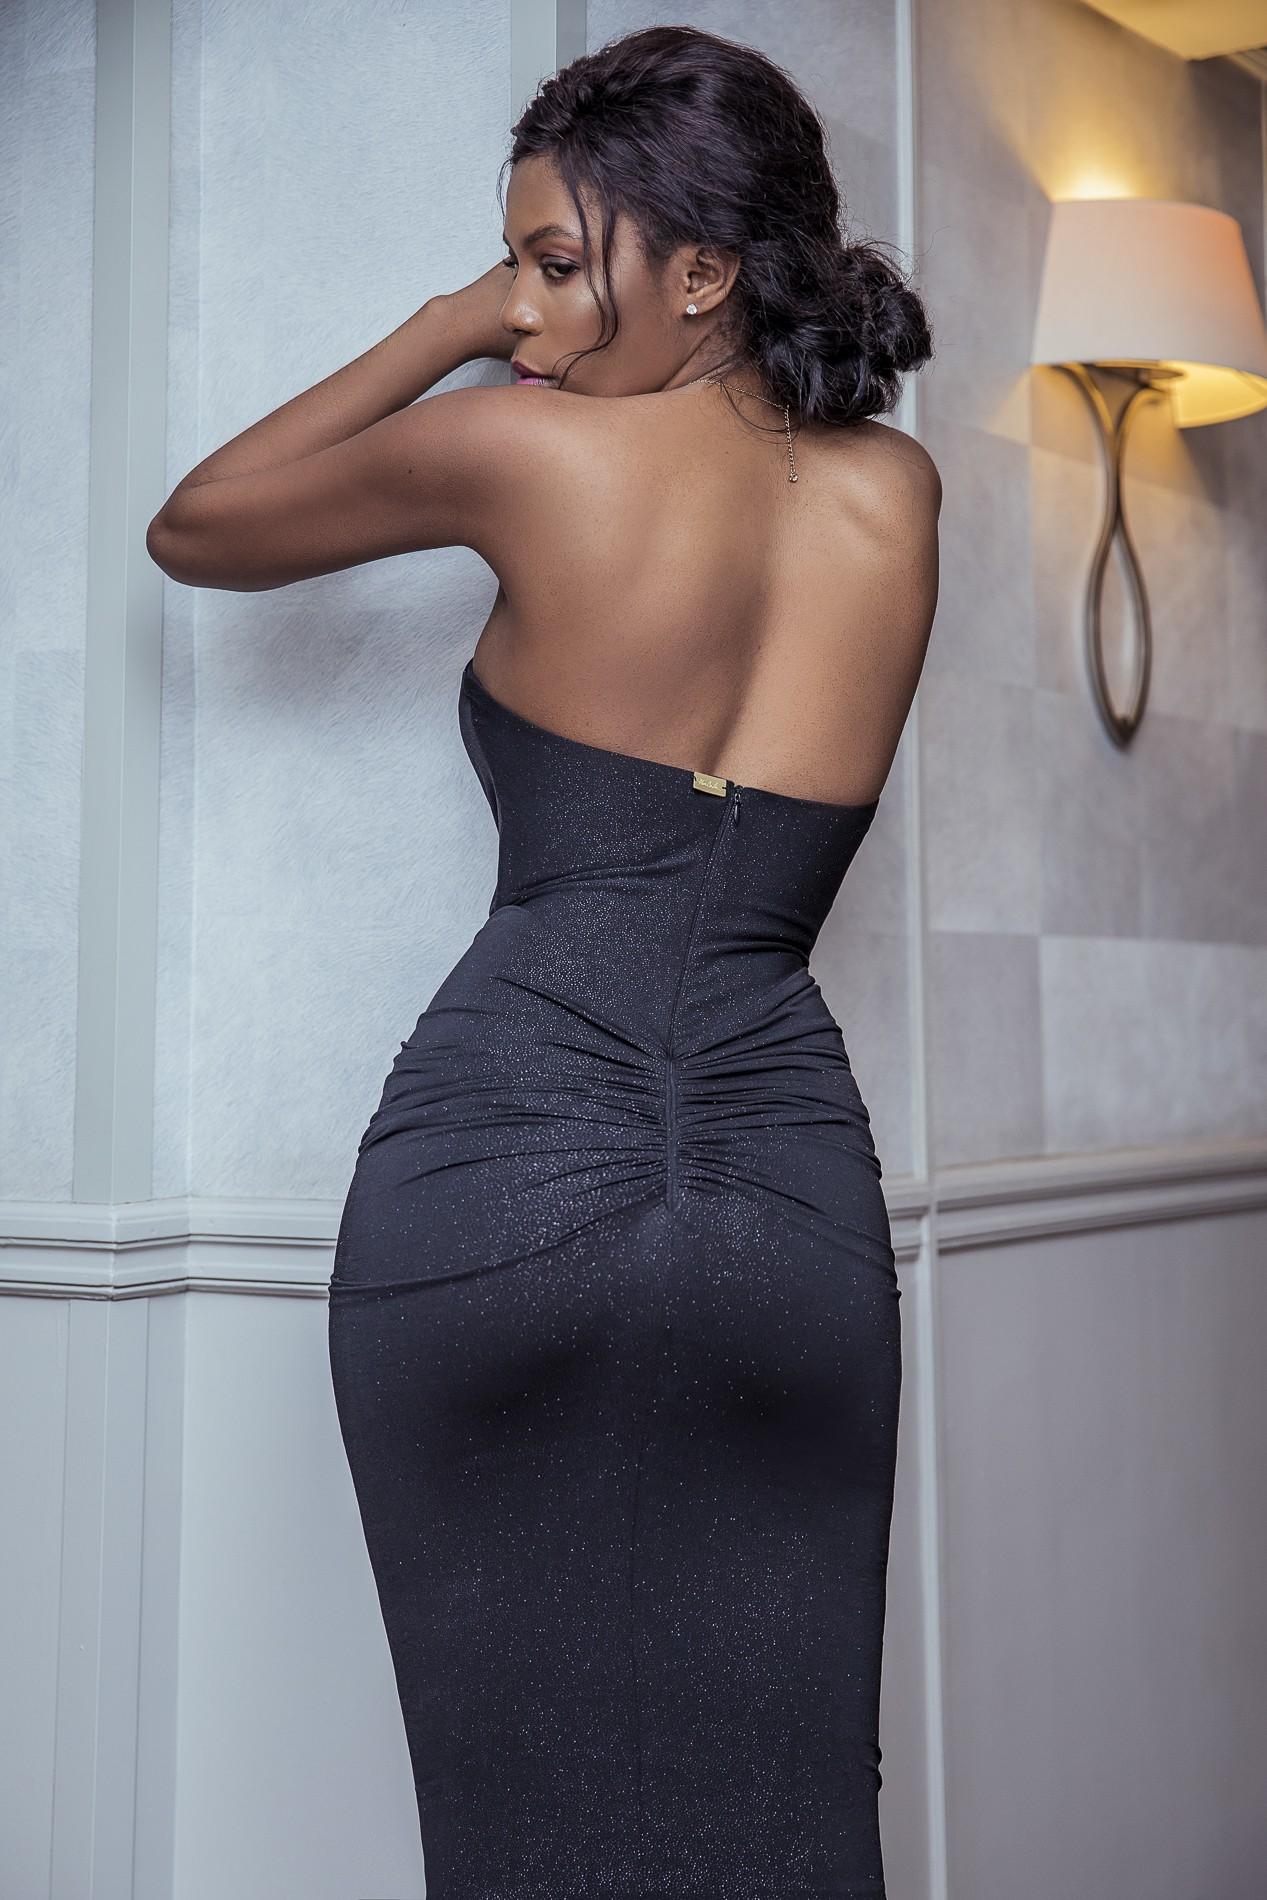 Black Weave Handle Shoulder Bag | PrettyLittleThing UAE